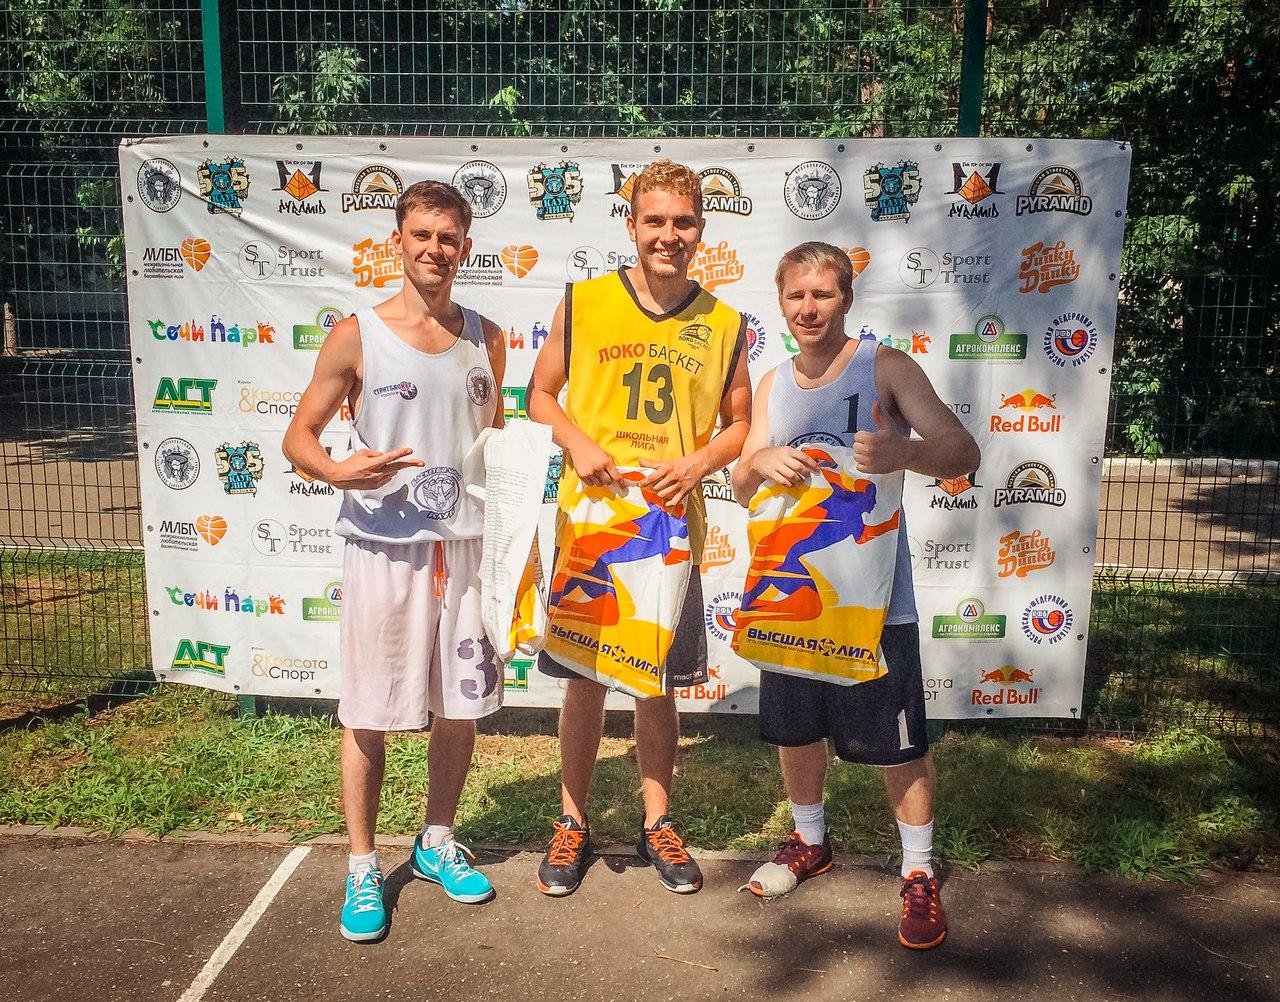 Команда Тегас стритбол Краснодар